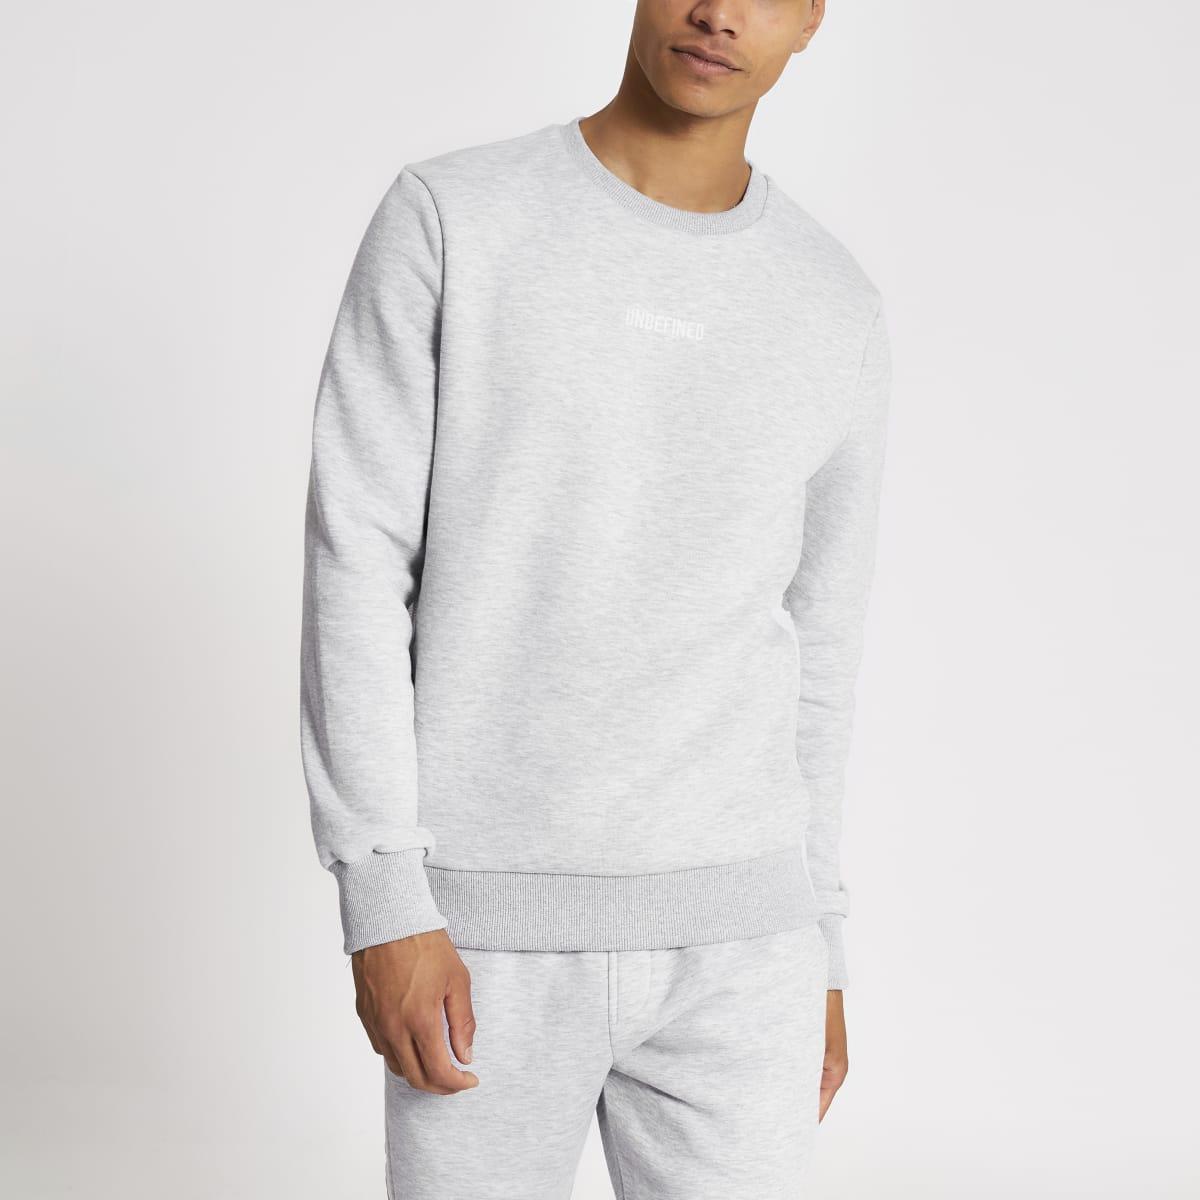 Grijs sweatshirt met Undefined-borduursel